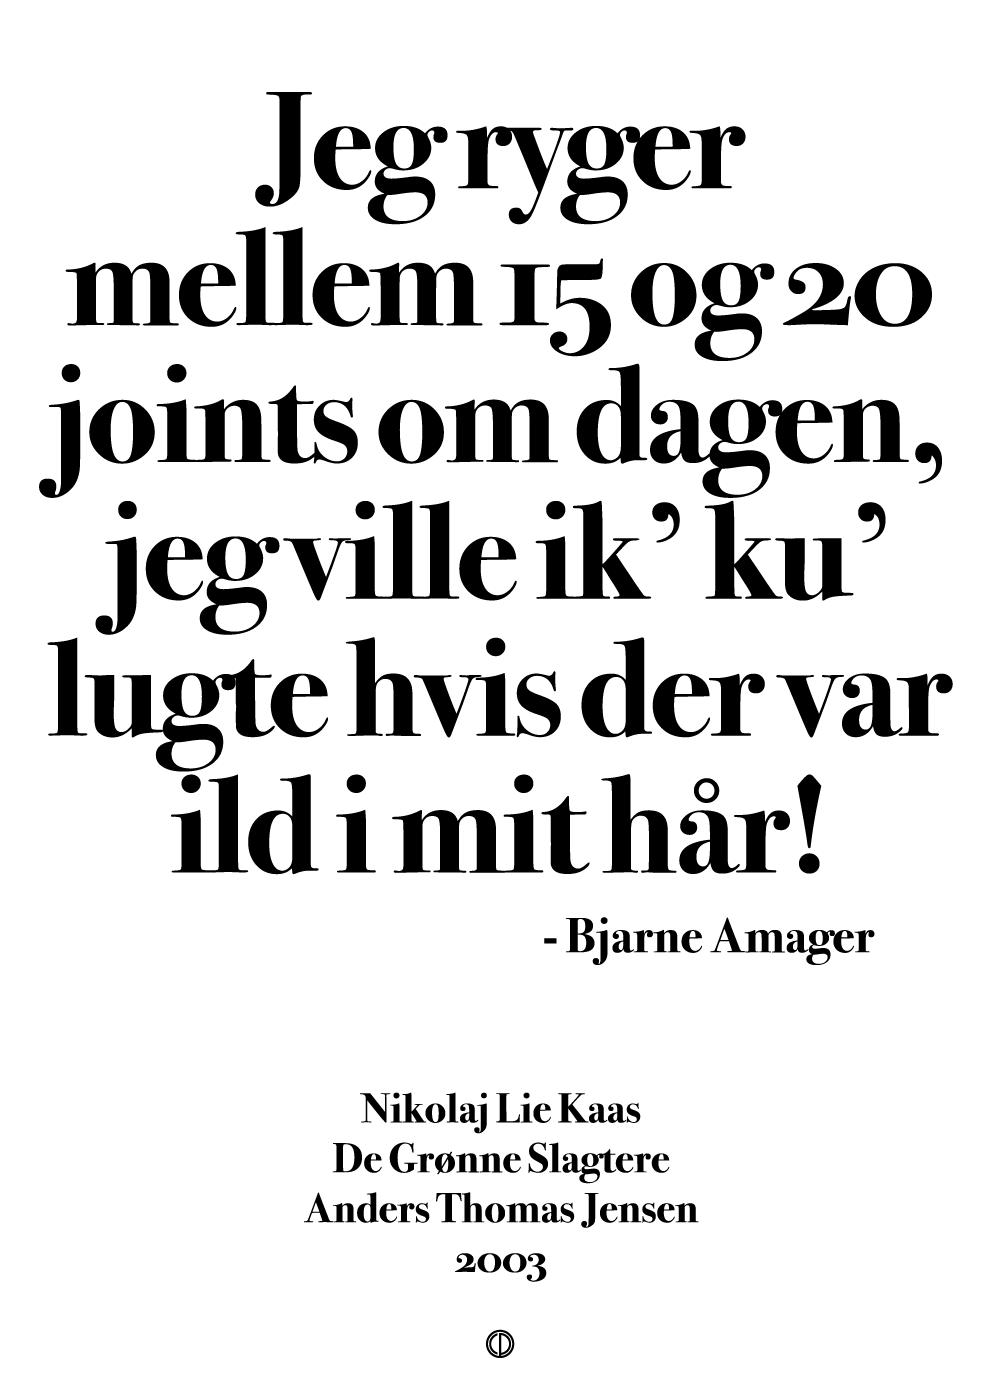 15 og 20 joints om dagen